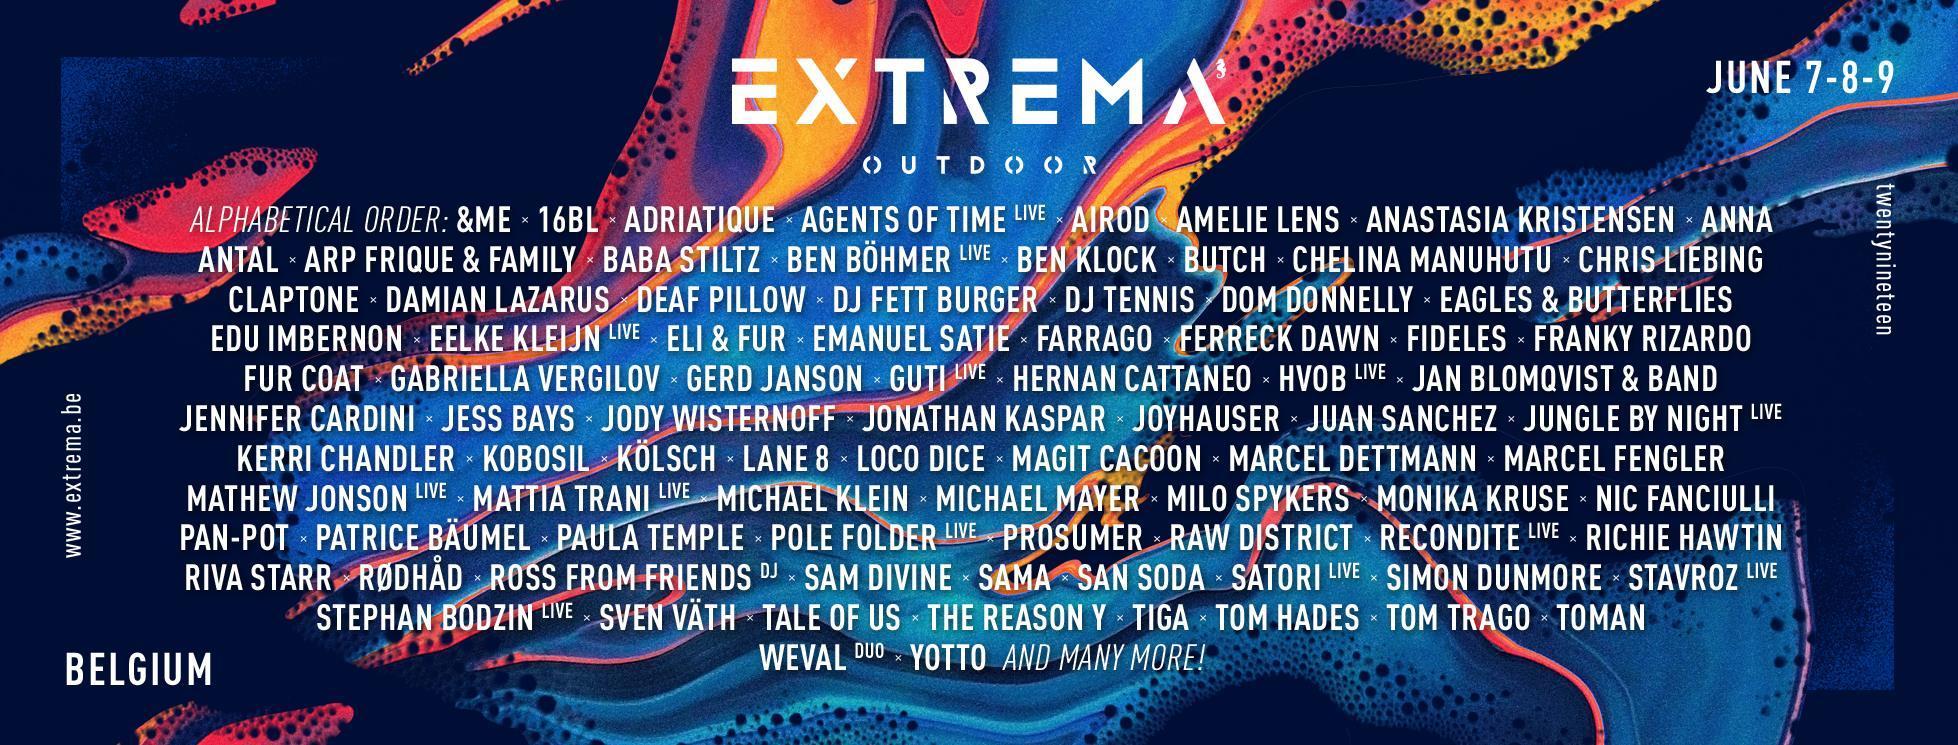 EDM Festivals in Belgium